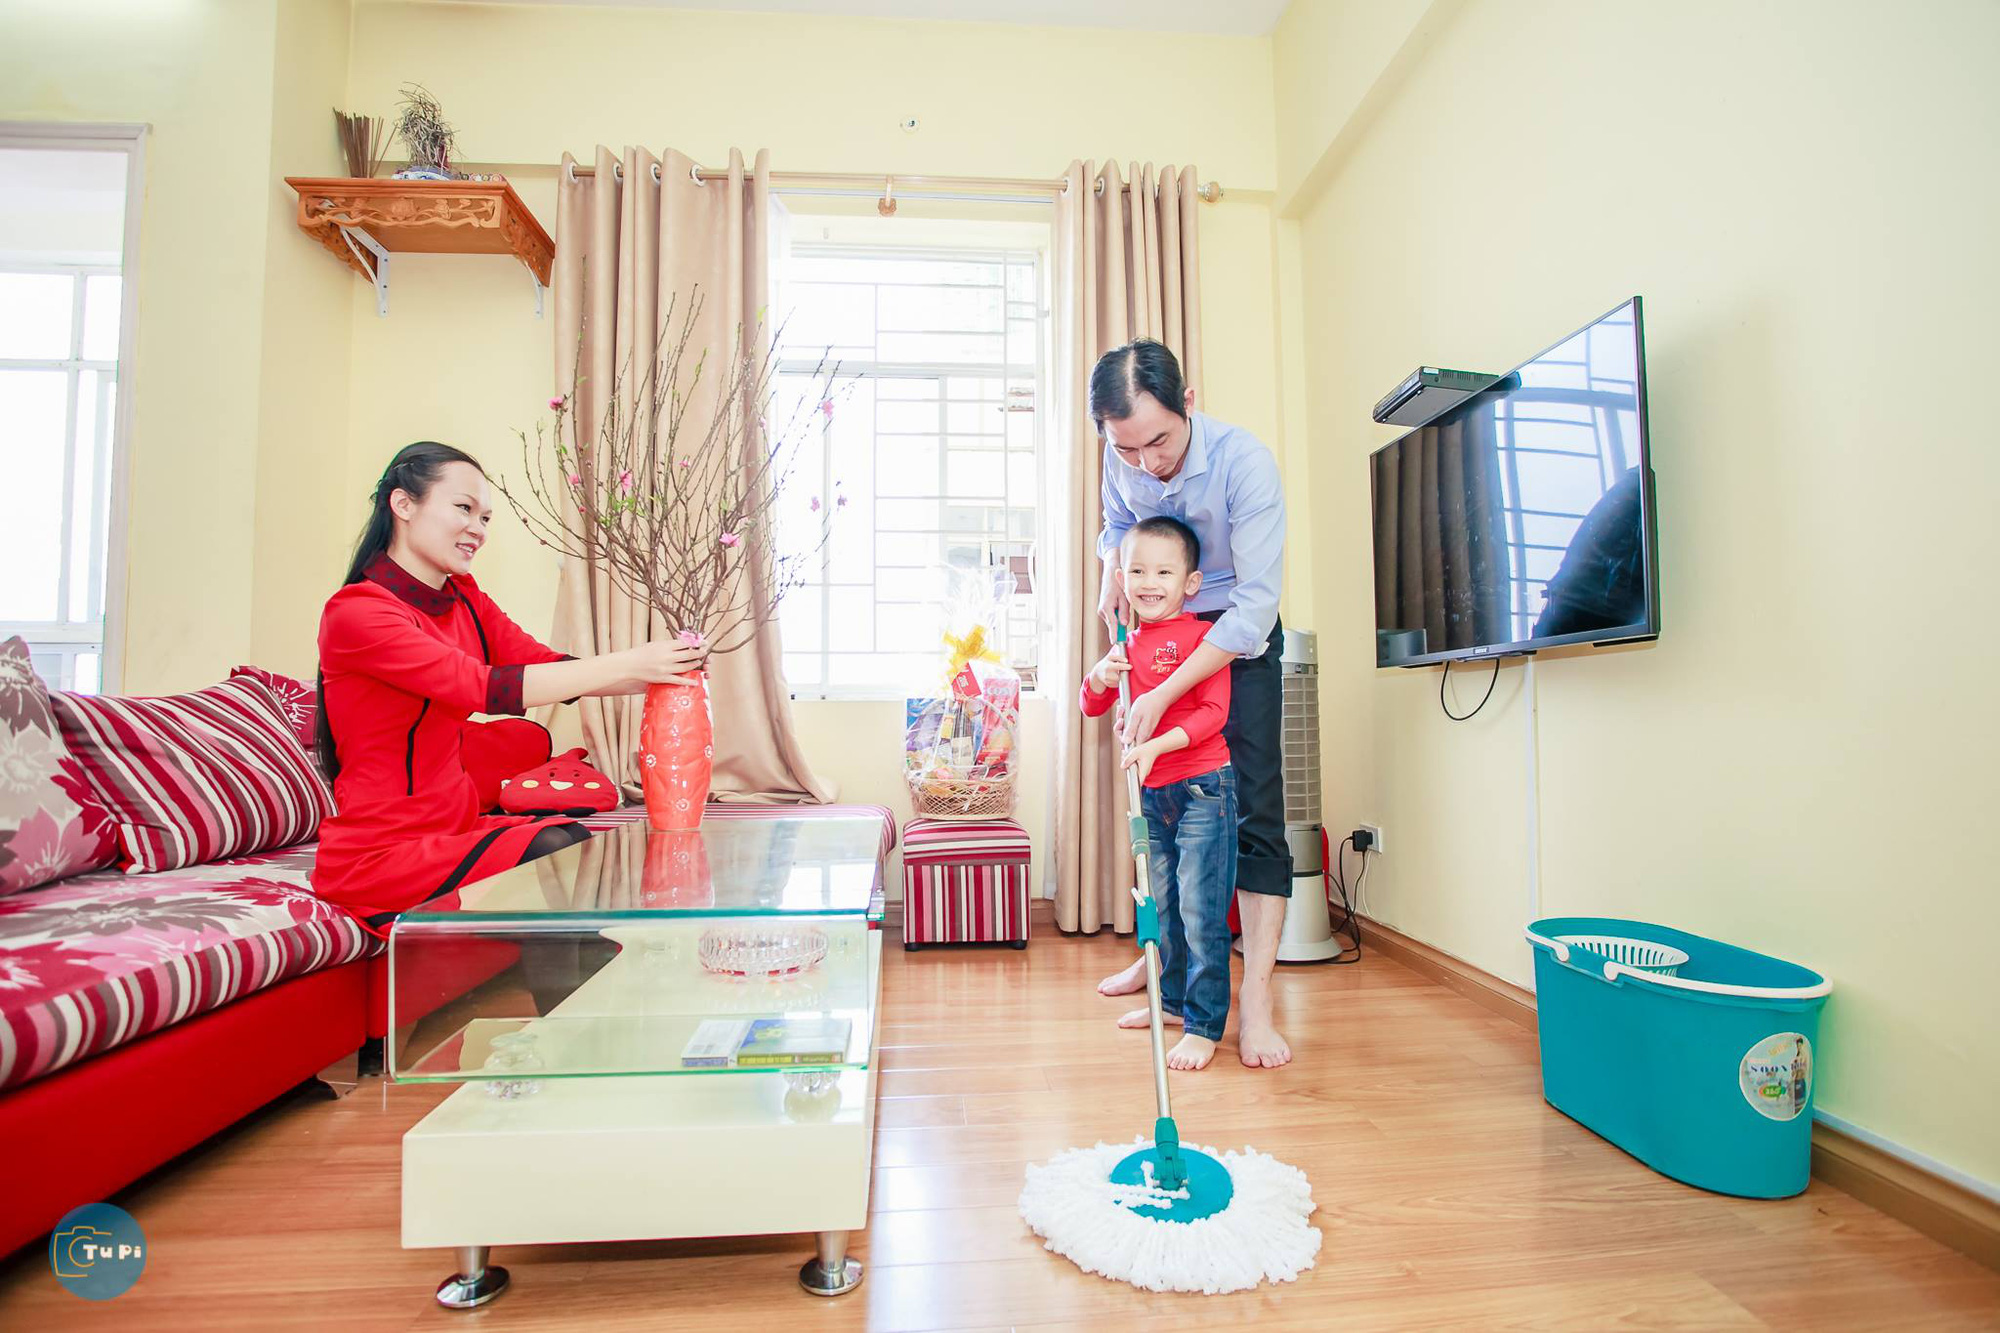 Chuyên gia phong thủy mách cách dọn dẹp nhà cửa để chiêu tài rước lộc năm Tân Sửu 2021 ít ai biết - Ảnh 2.